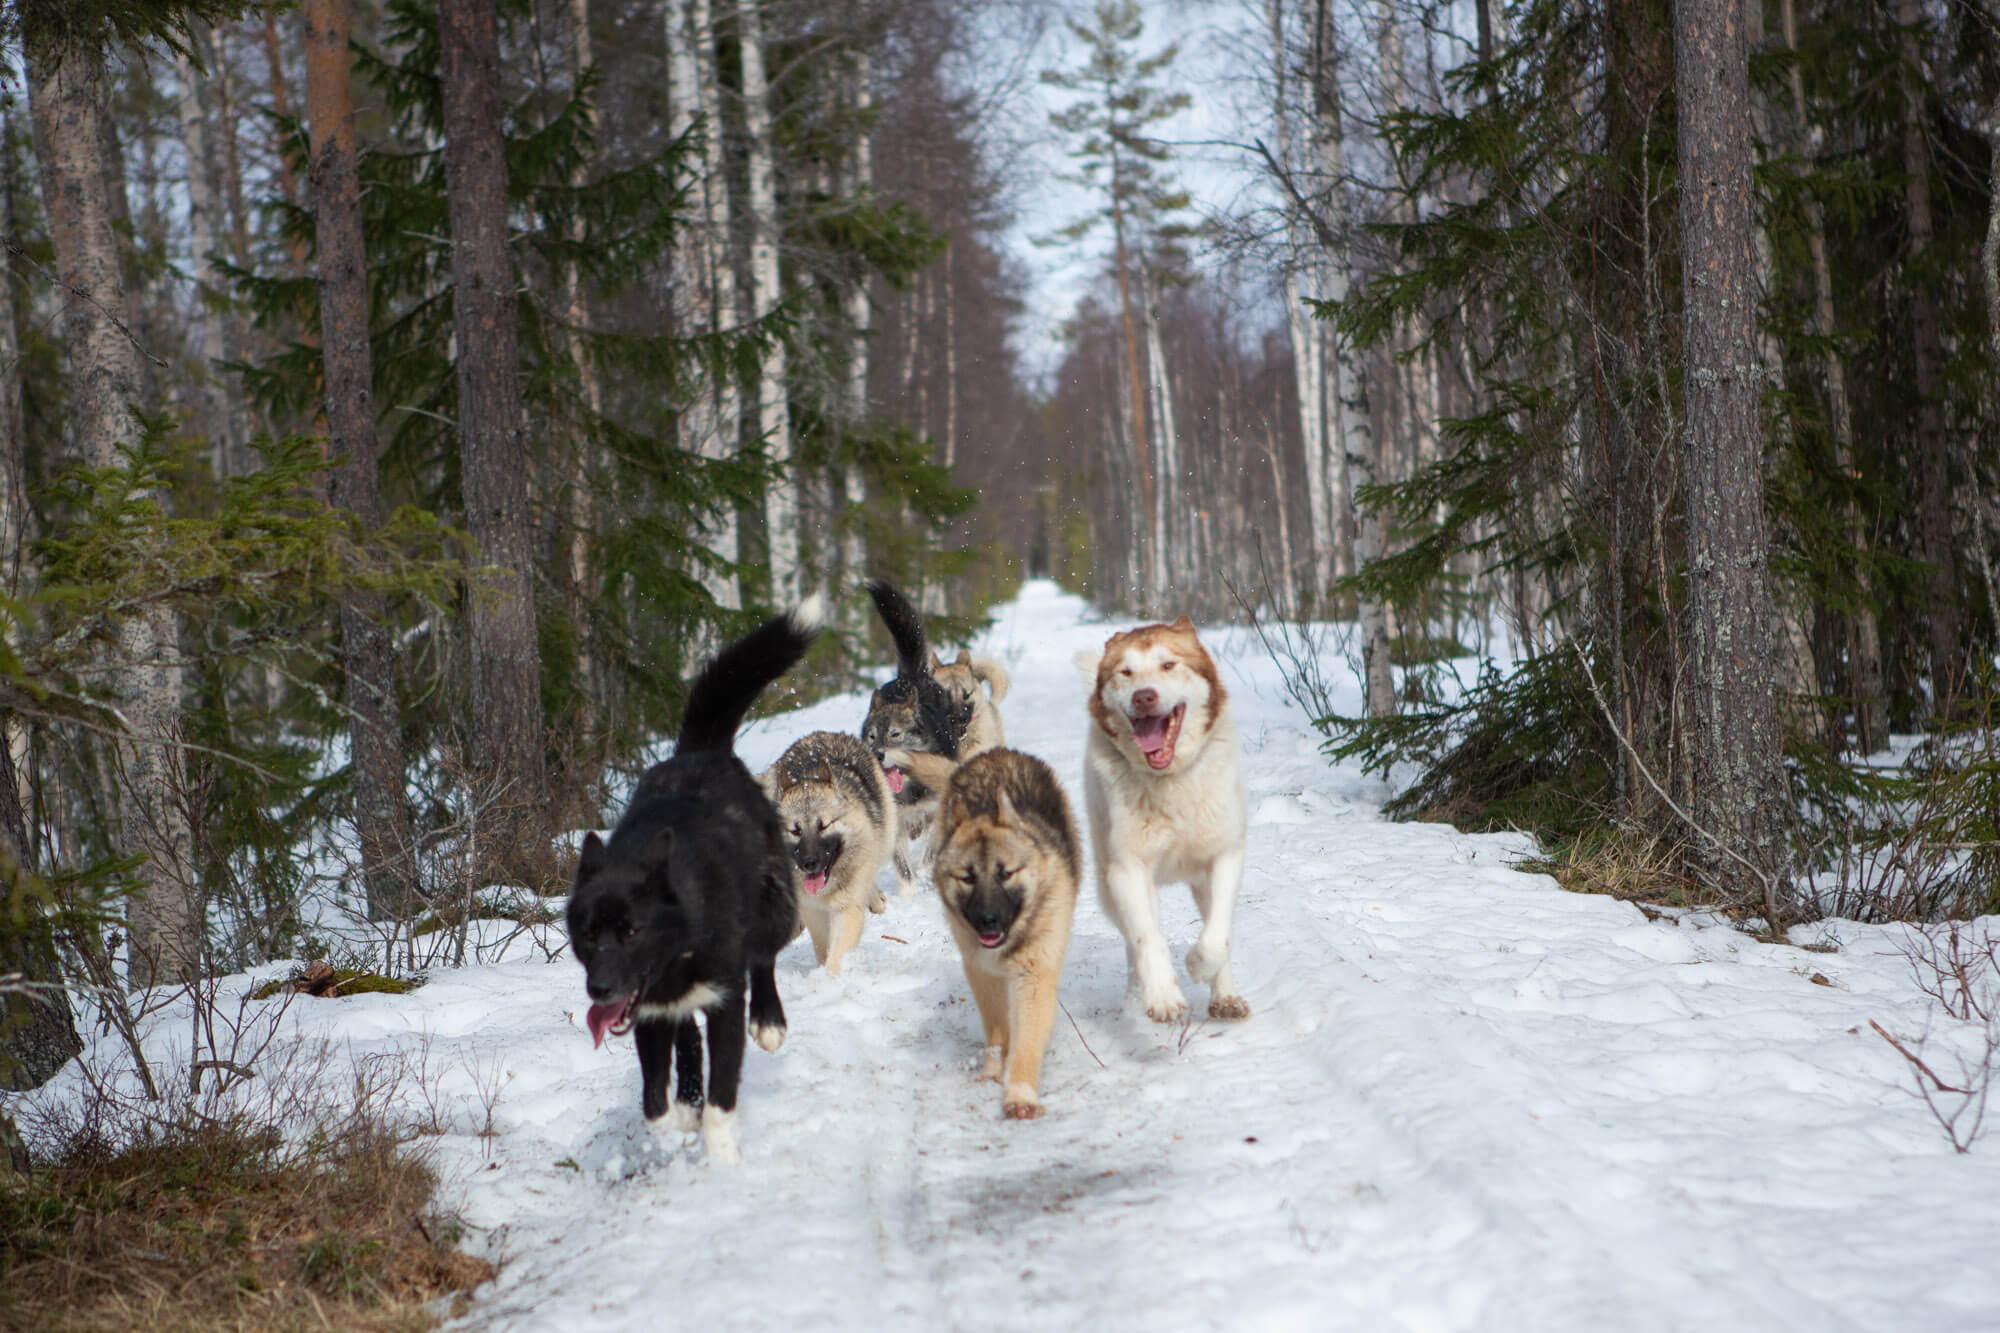 Des chiens en balade en hiver en laponie suédoise